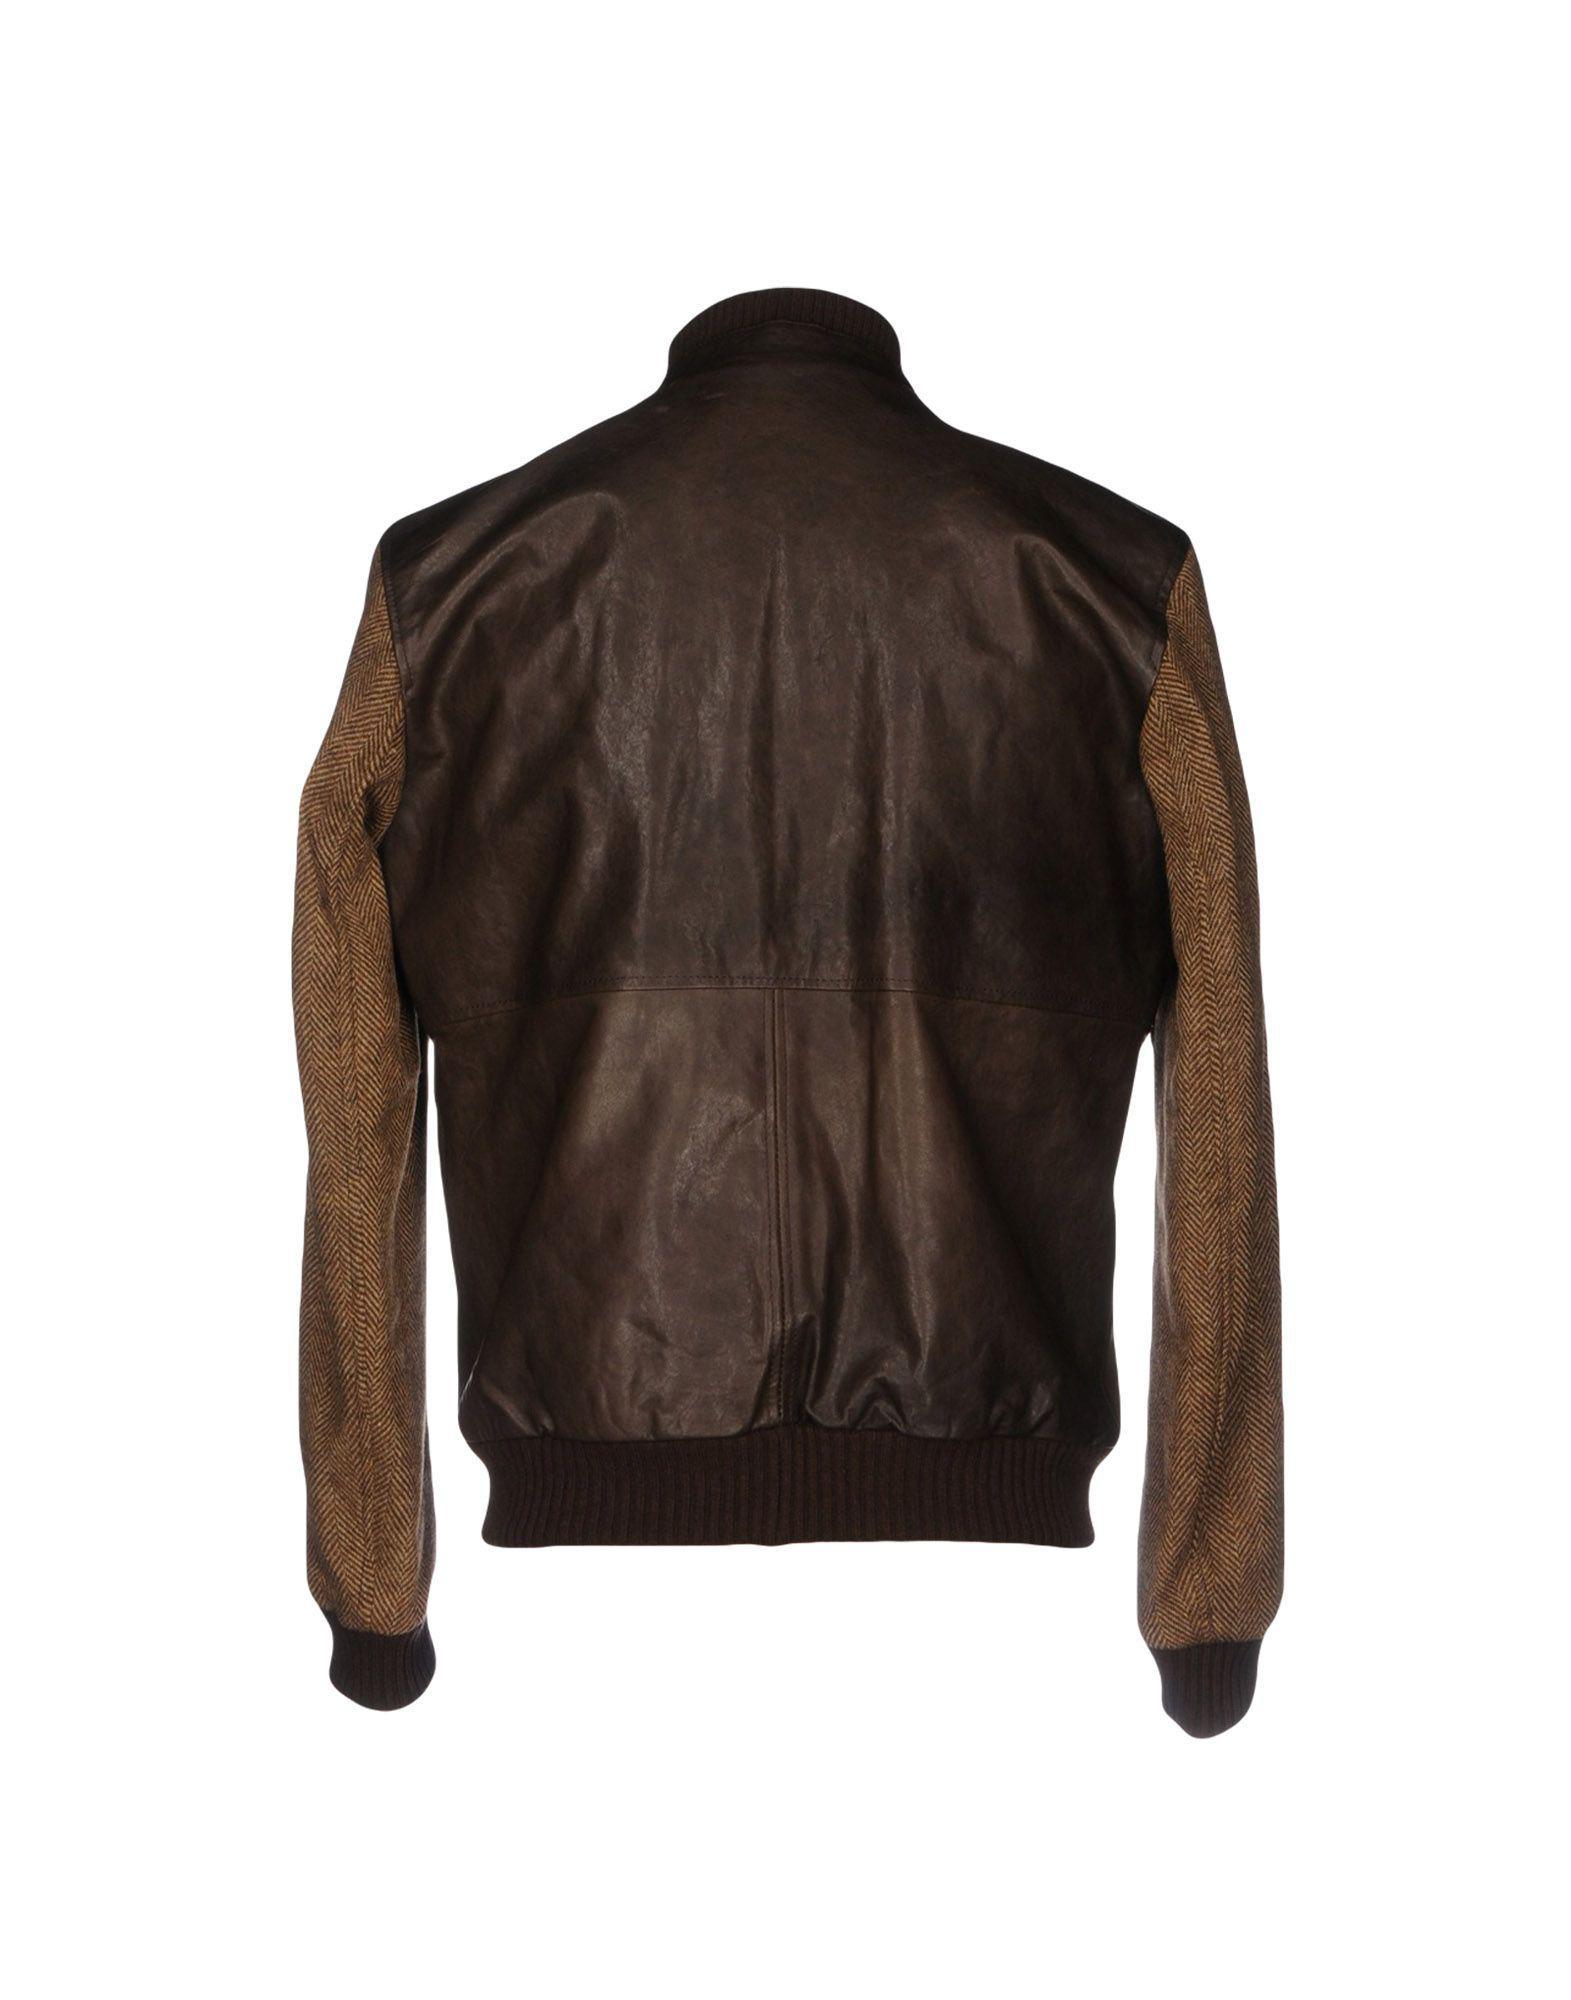 Harmont & Blaine Flannel Jackets in Dark Brown (Brown) for Men